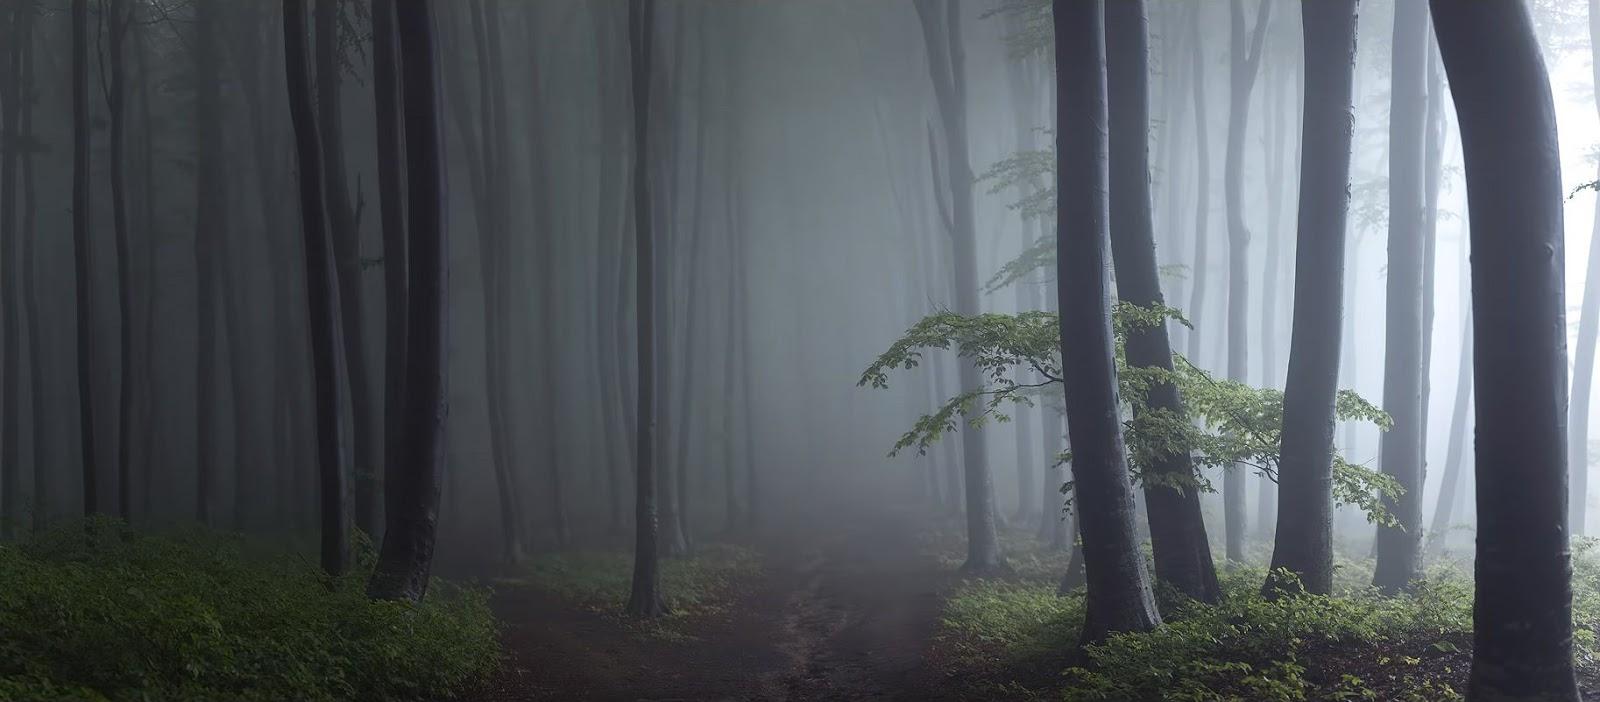 Туманный лес, фотограф Тома Бончиу